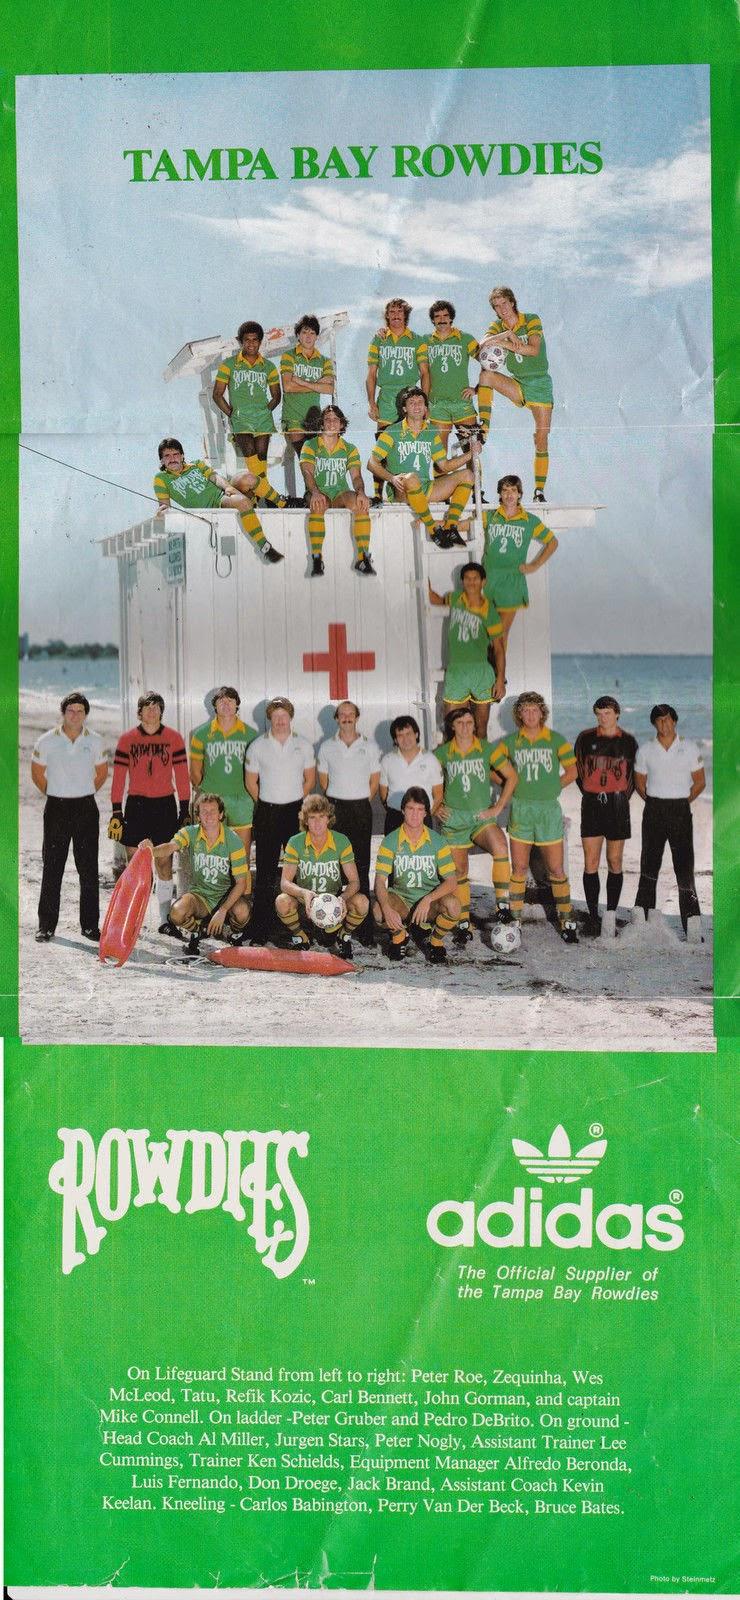 1983 Rowdies Poster.JPG